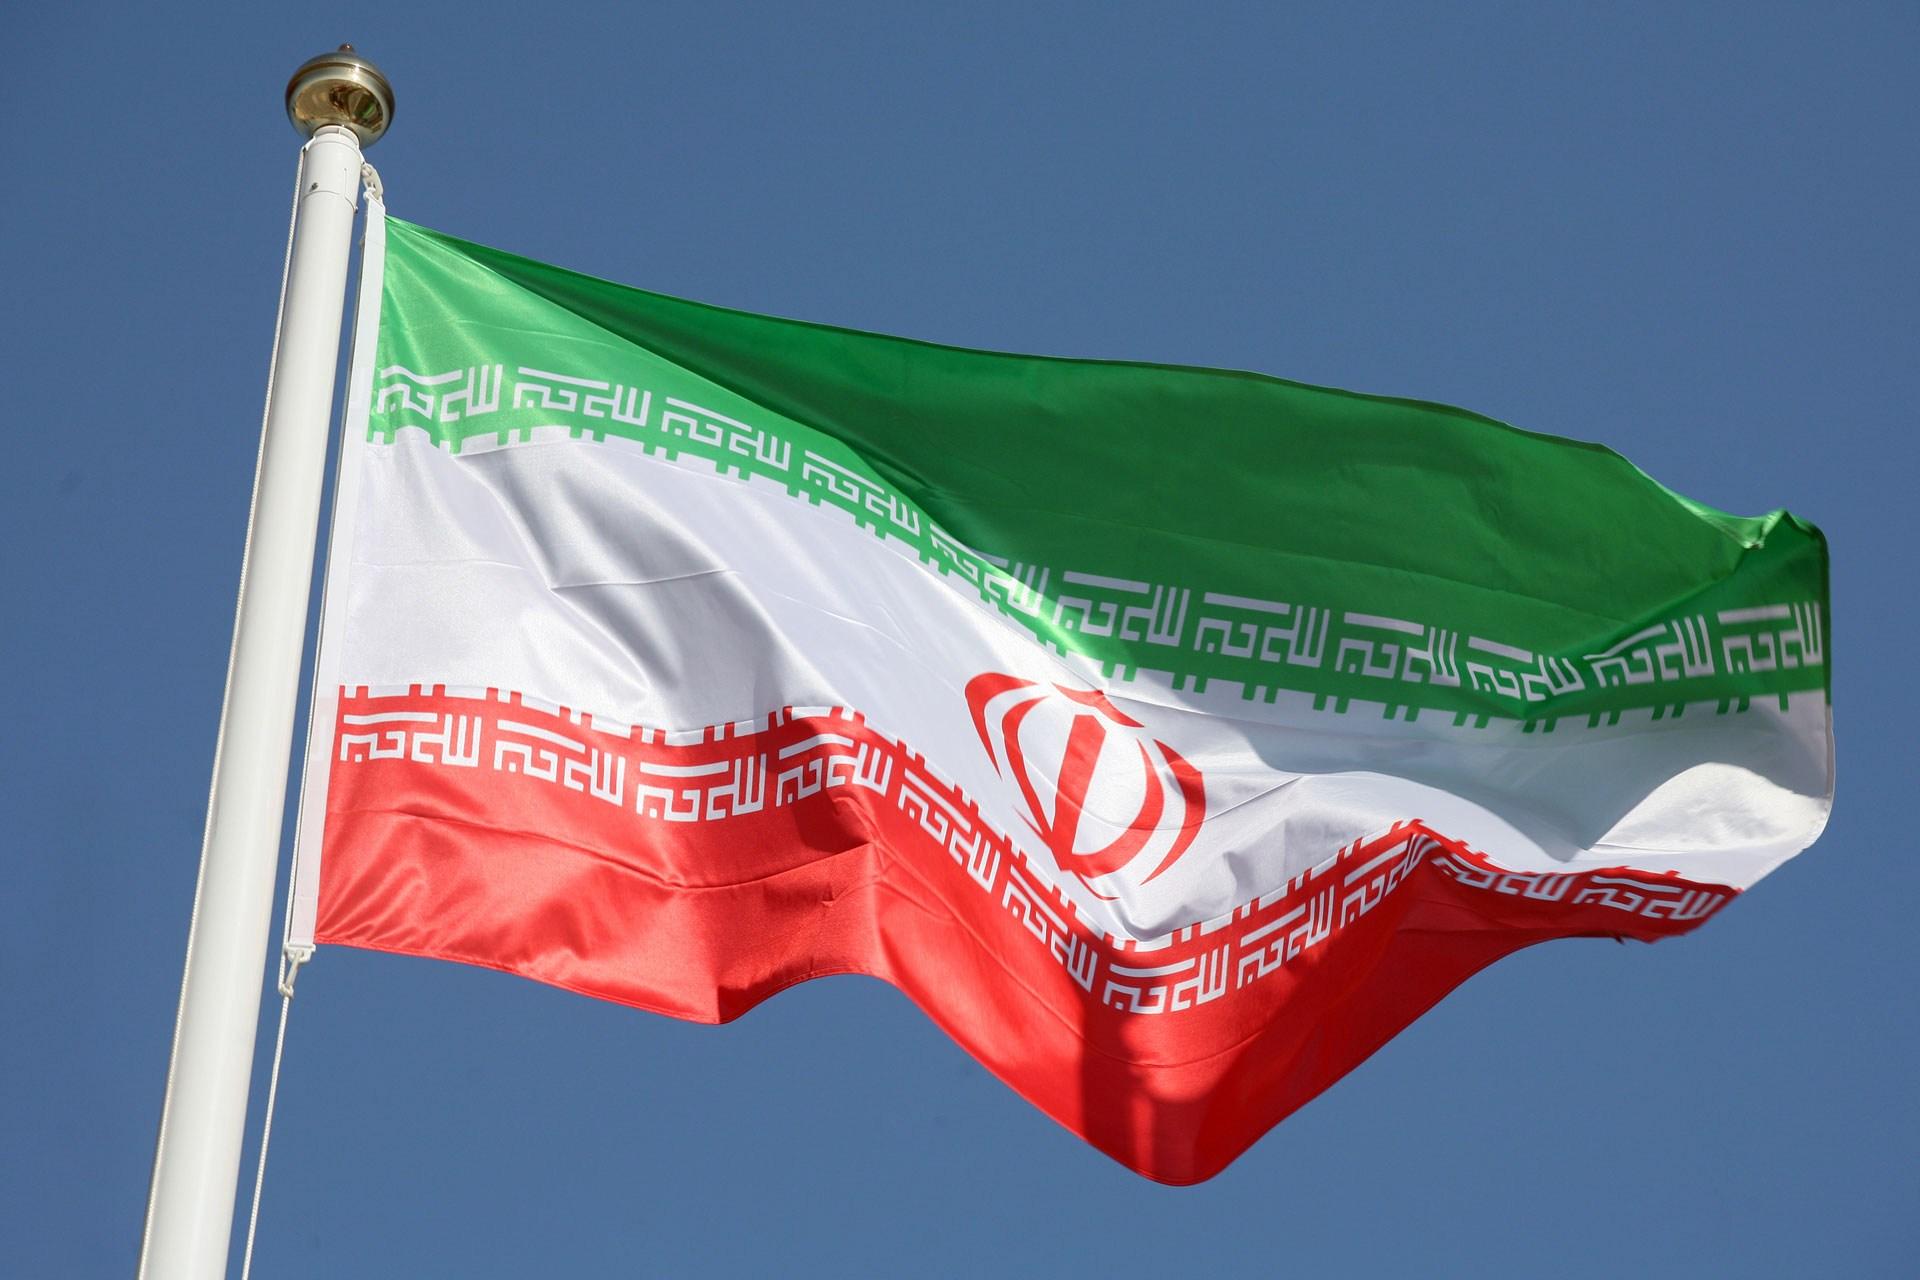 ԵԱՏՄ - Իրան. ժամանակավոր համաձայնագիր` ստորագրեցին ազատ առեւտրի գոտու մասին